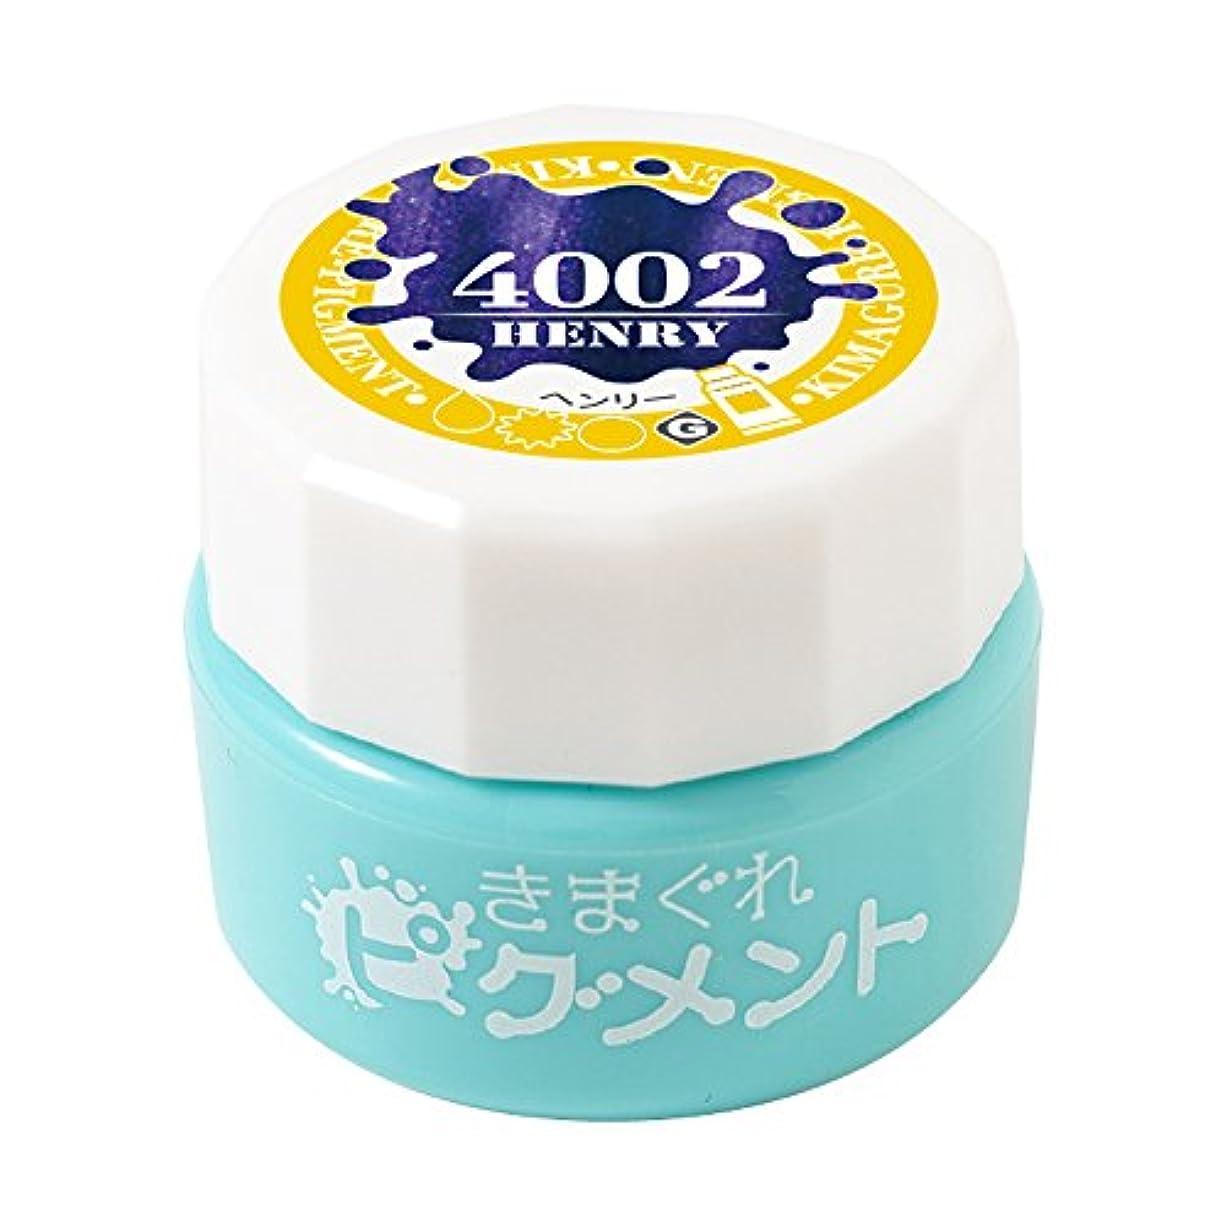 ゲージ省化粧Bettygel きまぐれピグメント ヘンリー QYJ-4002 4g UV/LED対応